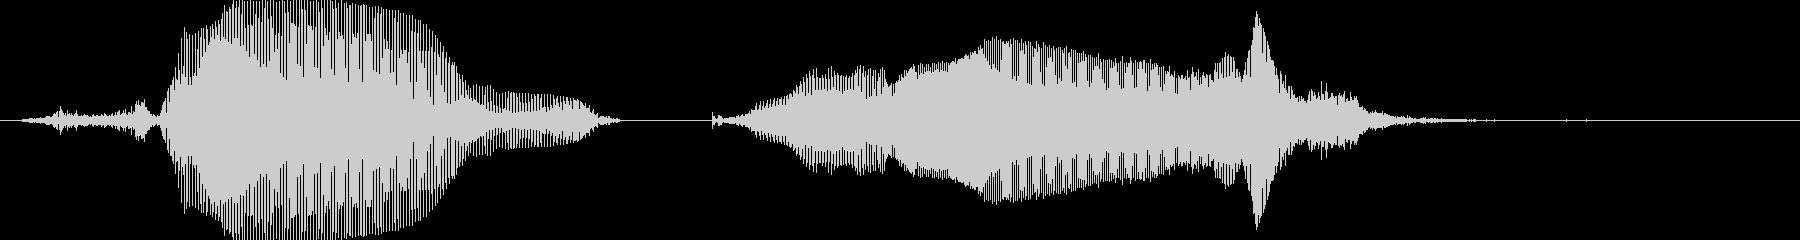 サンキュー!の未再生の波形